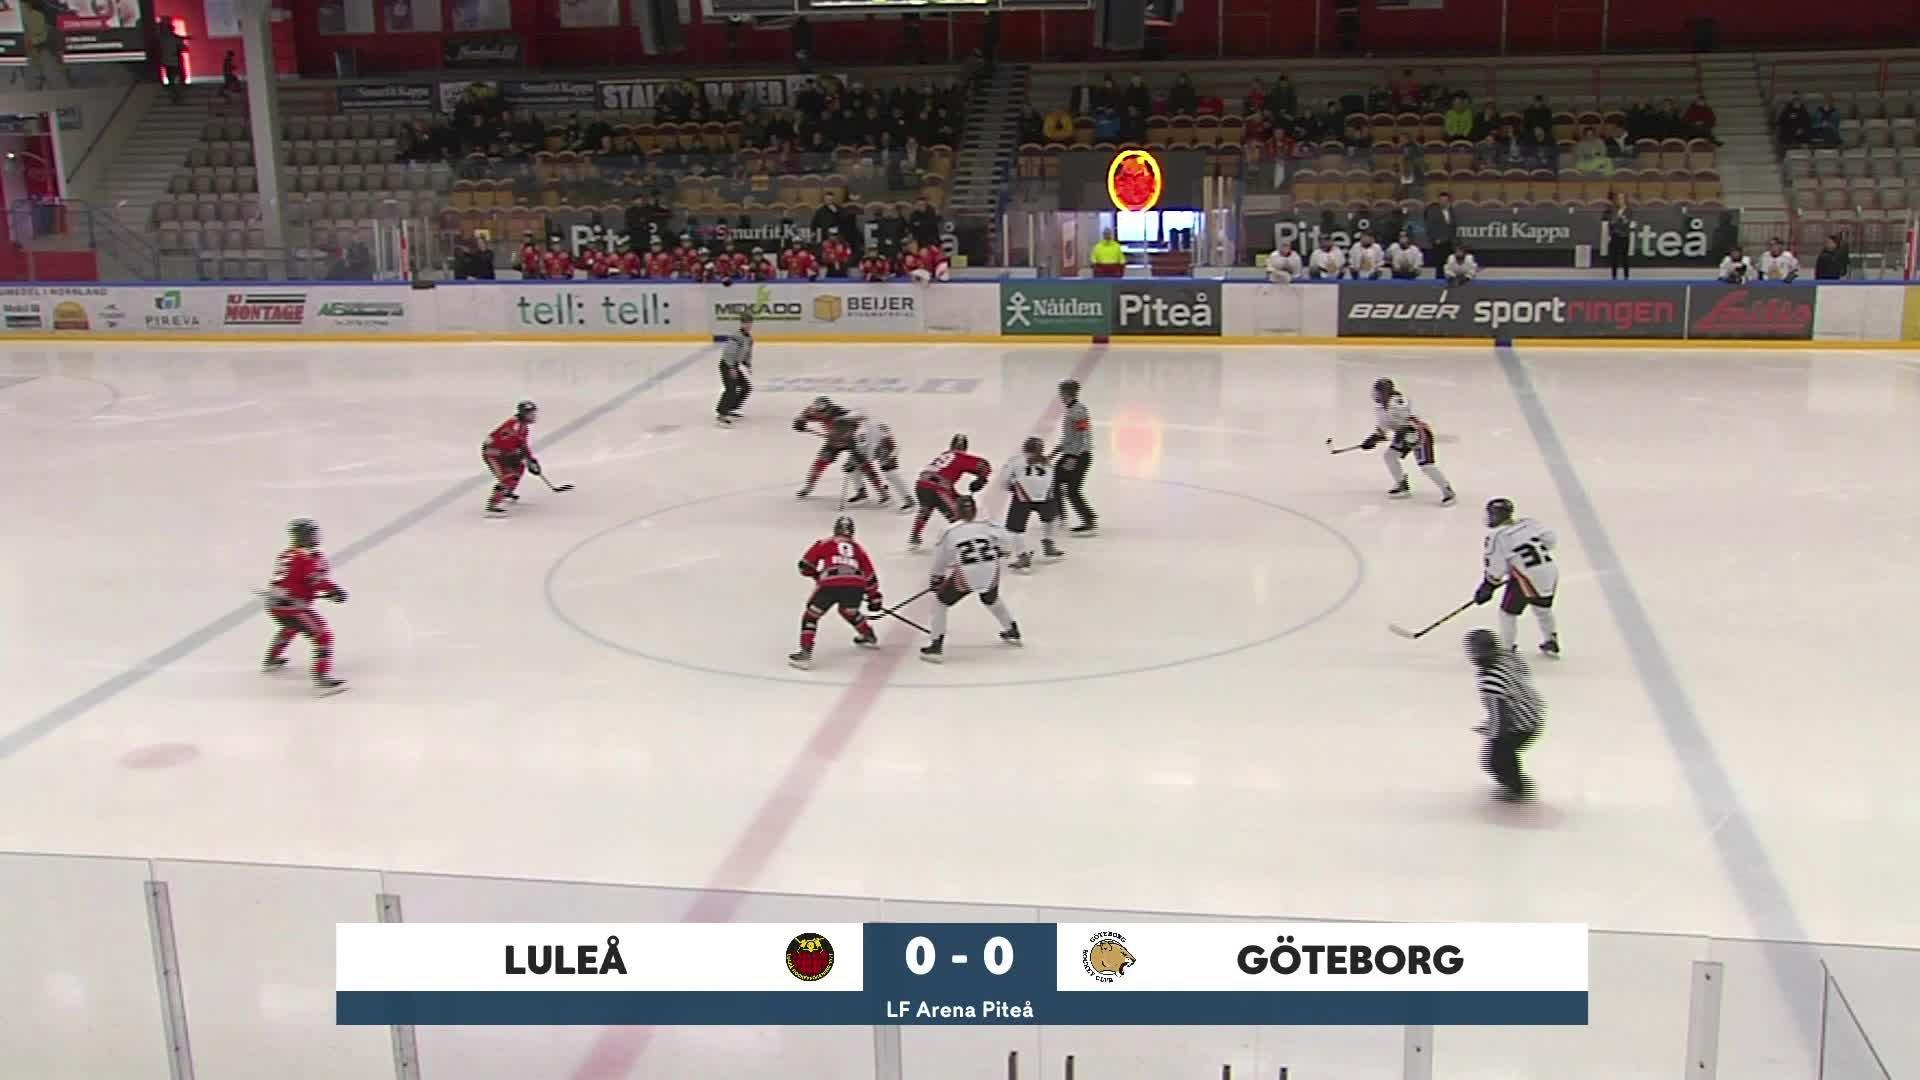 Highlights Luleå/MSSK-Göteborg HC 25 januari